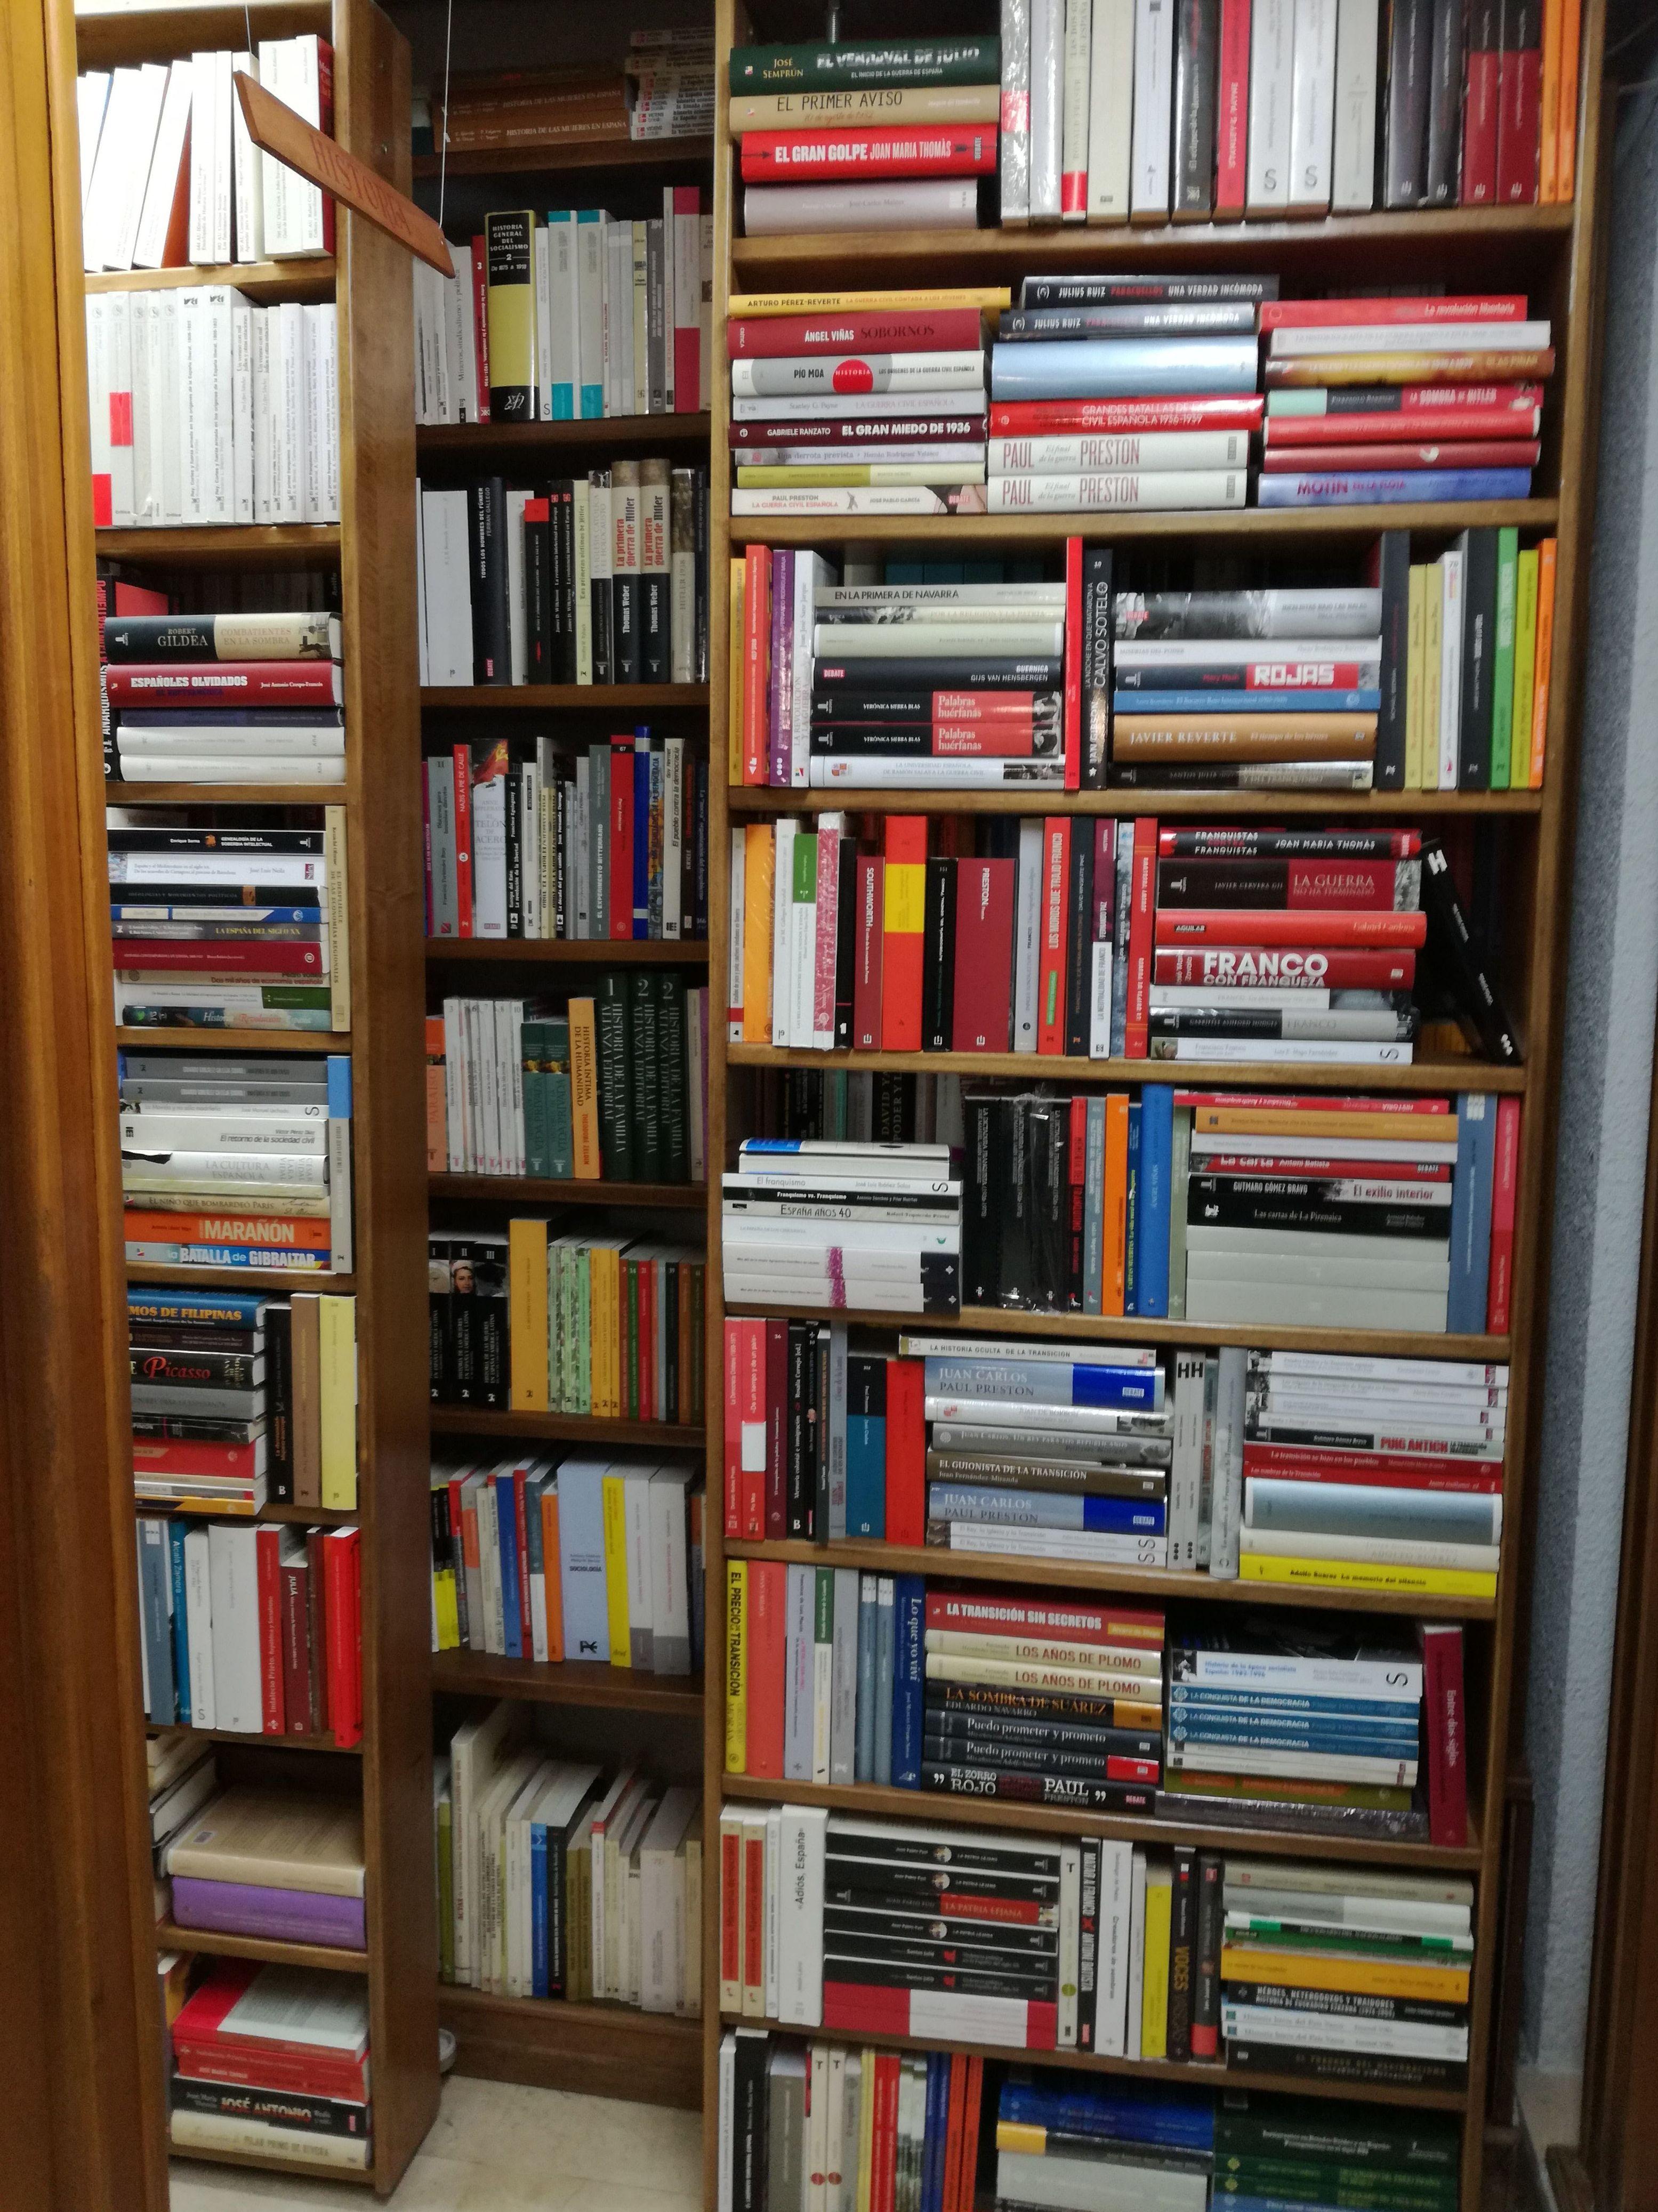 Foto 8 de Librerías en Salamanca | Librería Nueva Plaza Universitaria